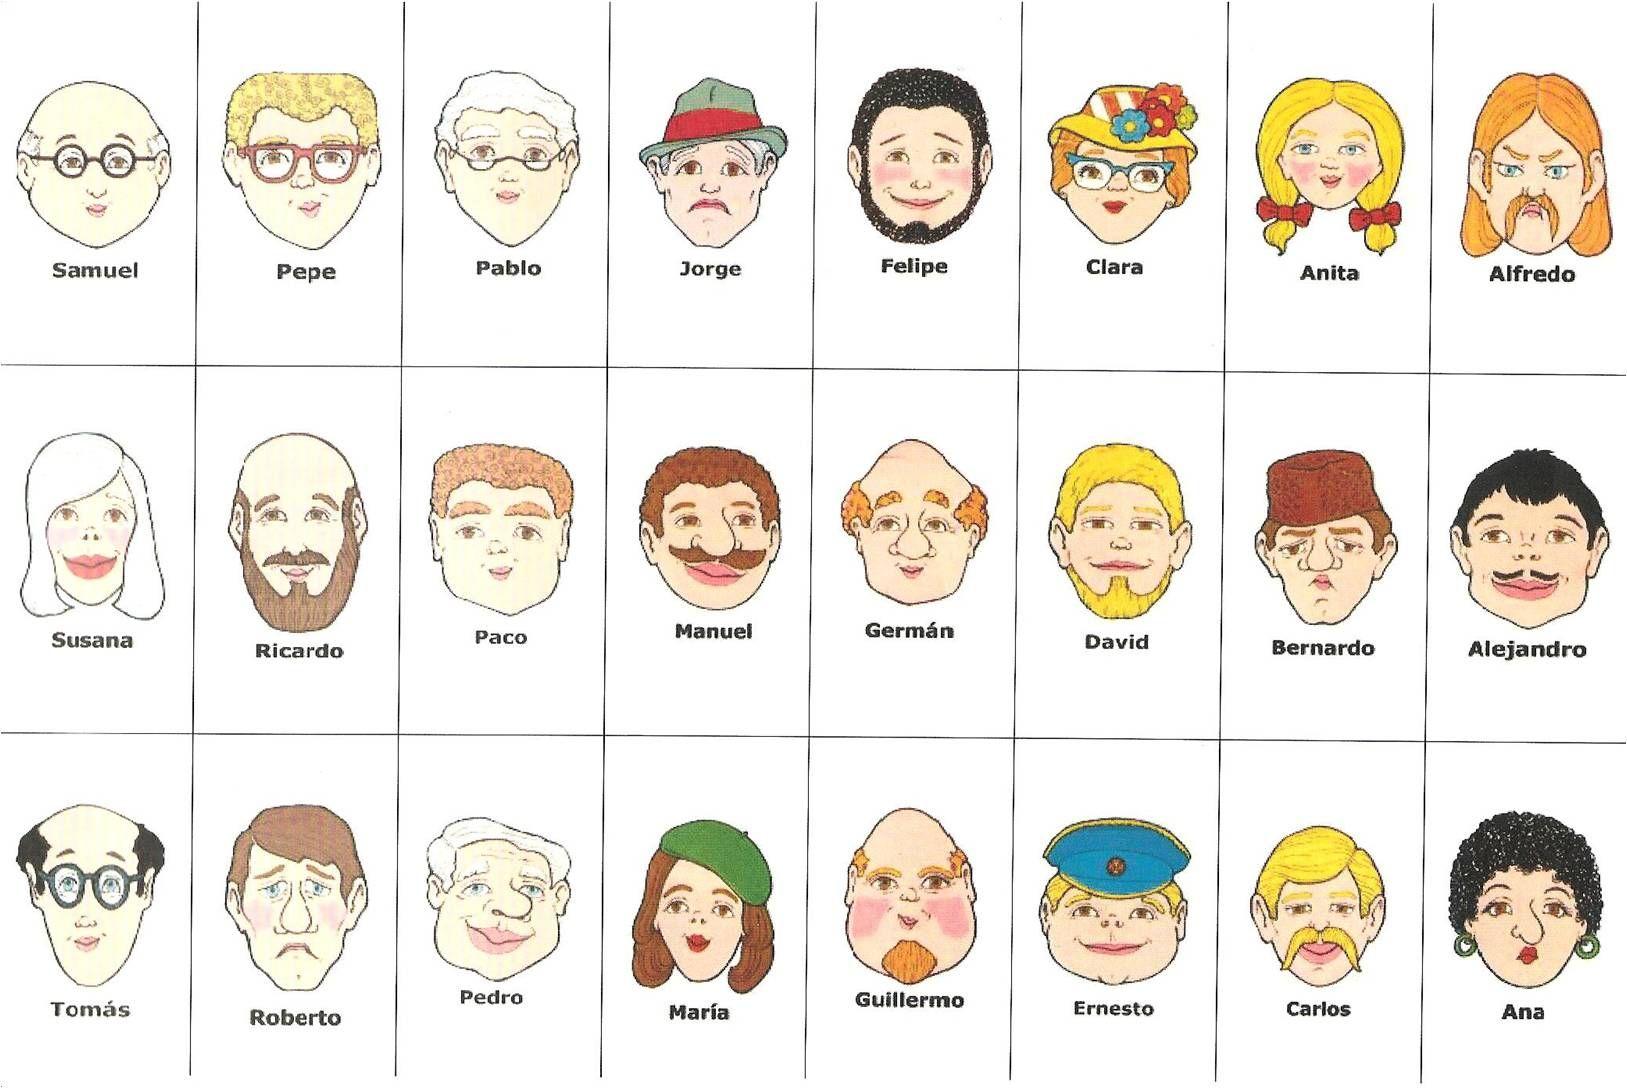 jeu qui est ce pour l 39 anglais modifier les pr noms des personnages ecole anglais. Black Bedroom Furniture Sets. Home Design Ideas